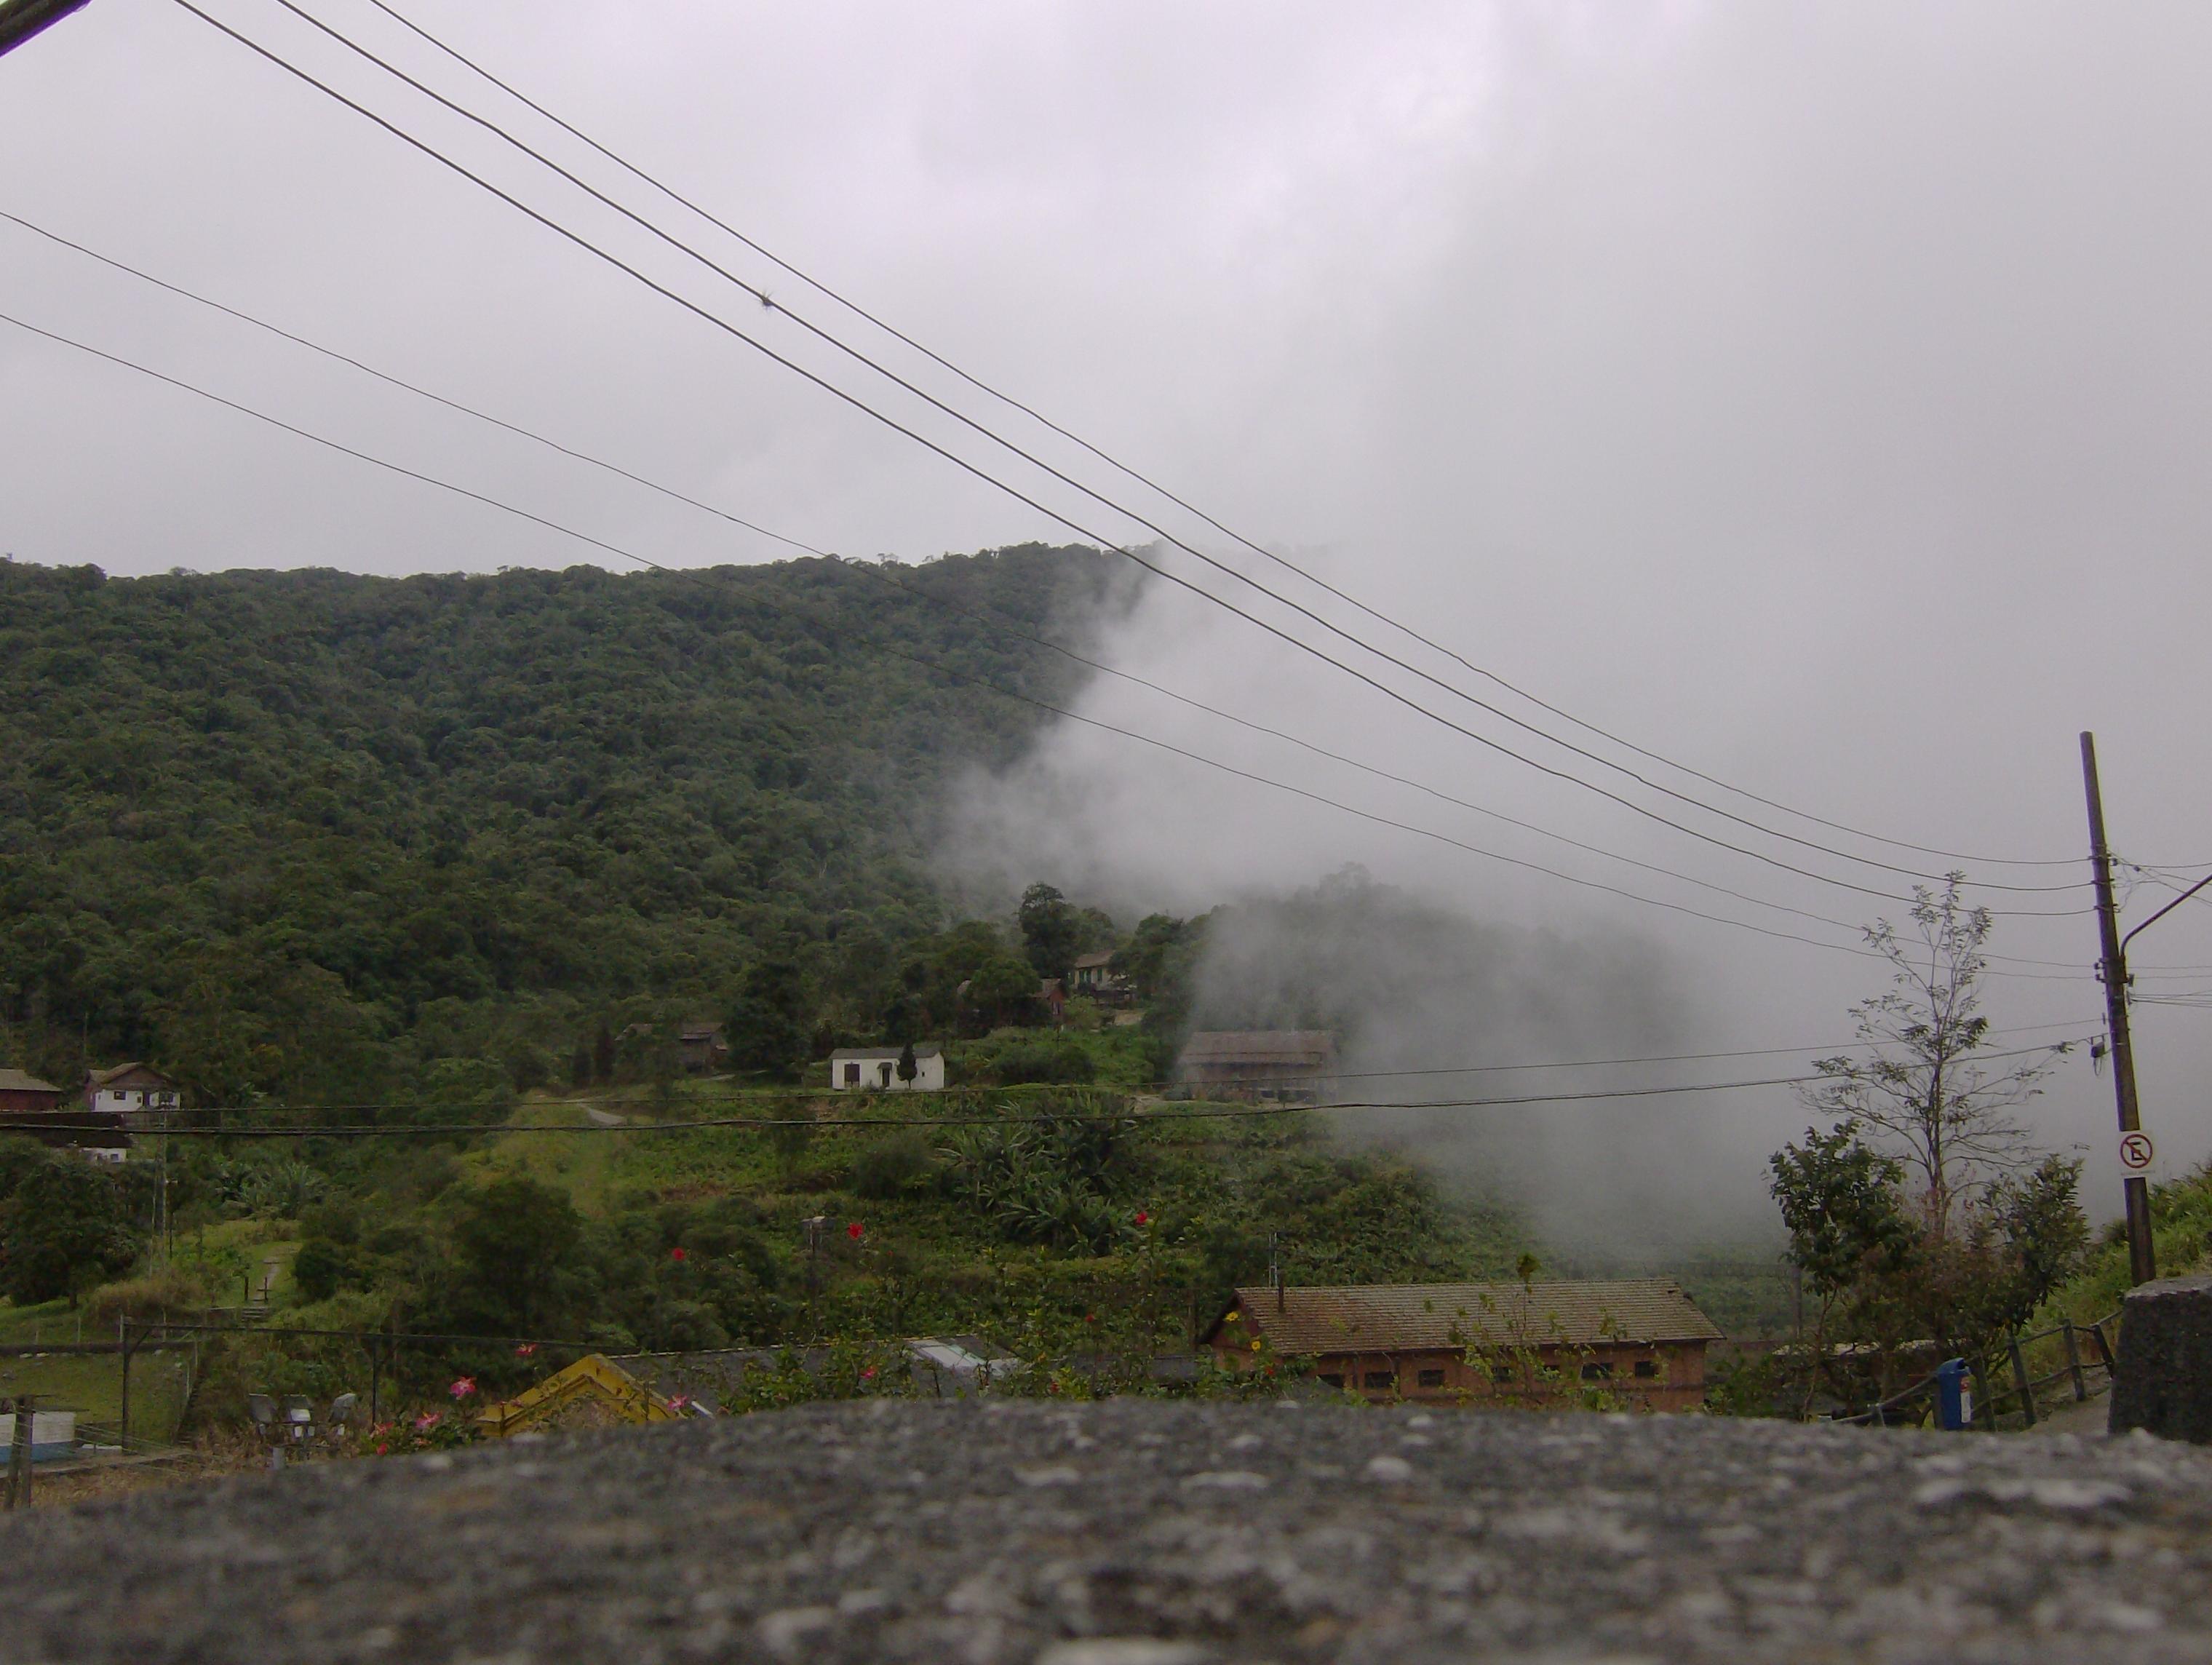 neblina emcobrindo v velha